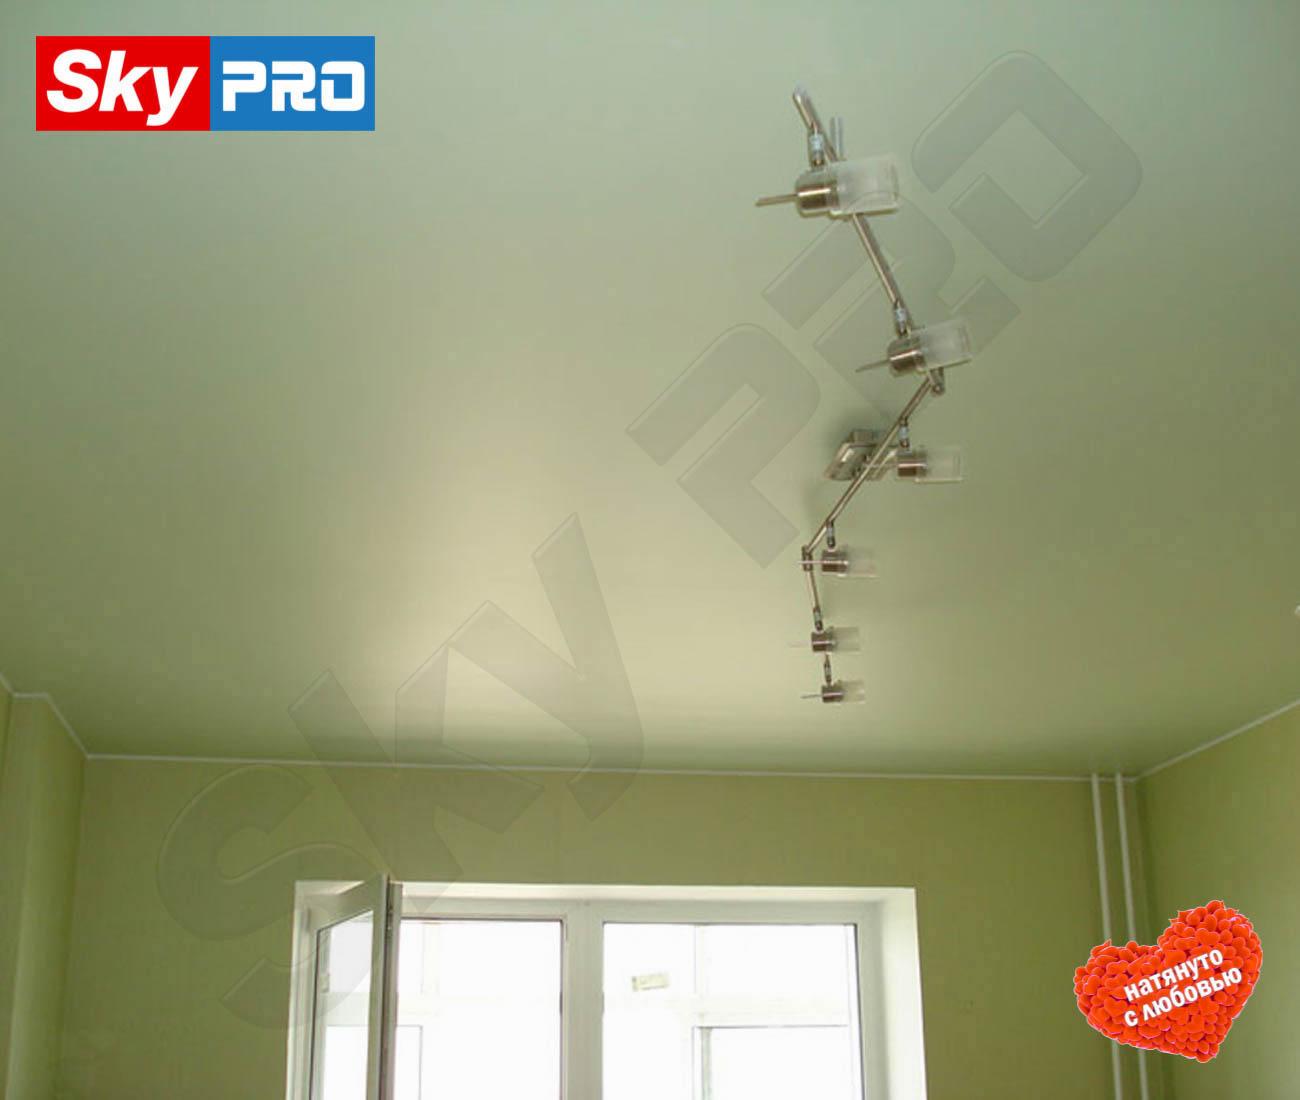 Цветной сатиновый натяжной потолок Лайт цена за метр